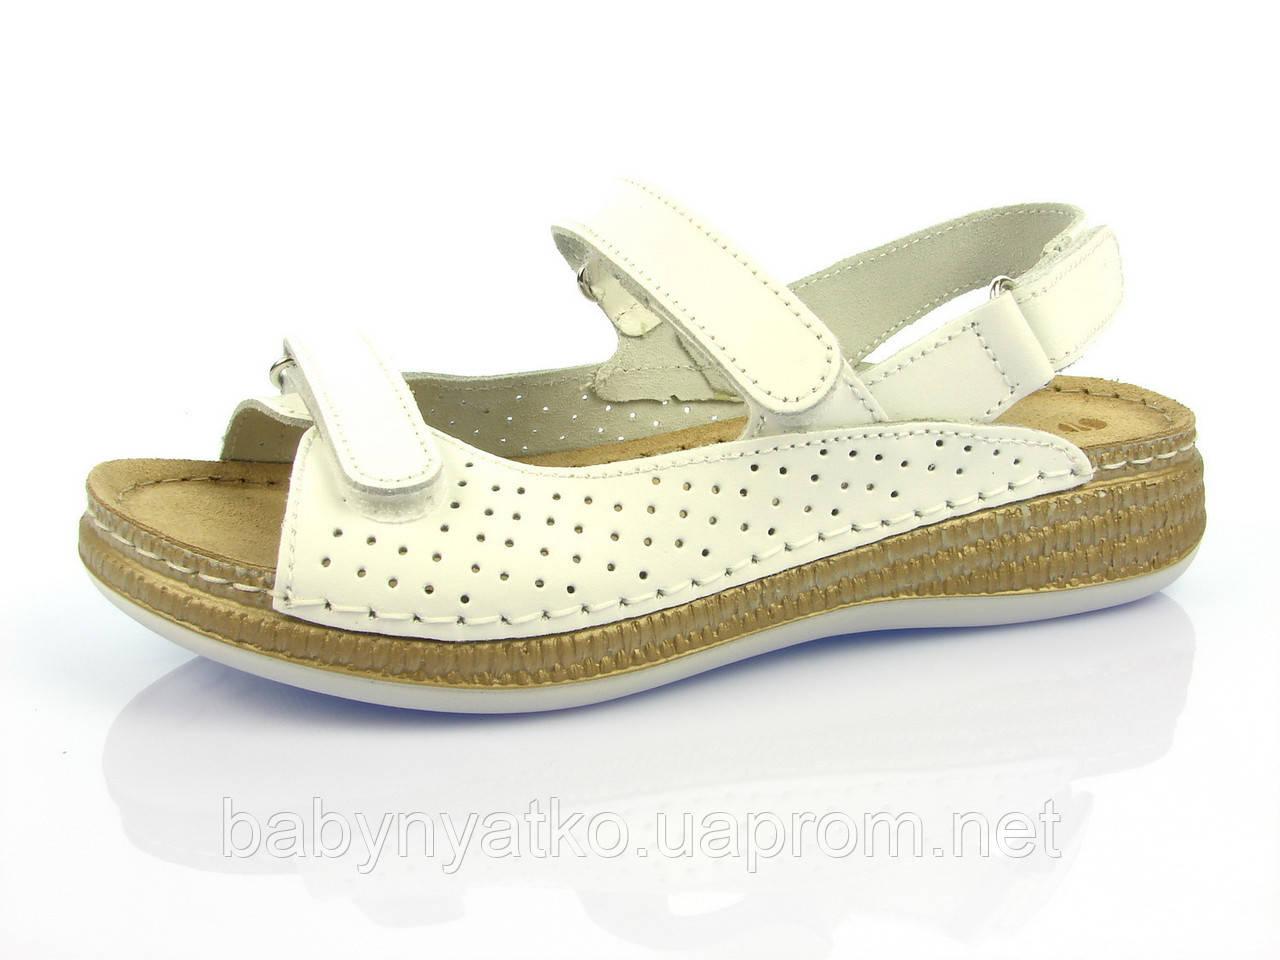 Ортопедическая женская обувь Inblu босоножки  MK-2U 001р.36 c28832153b057